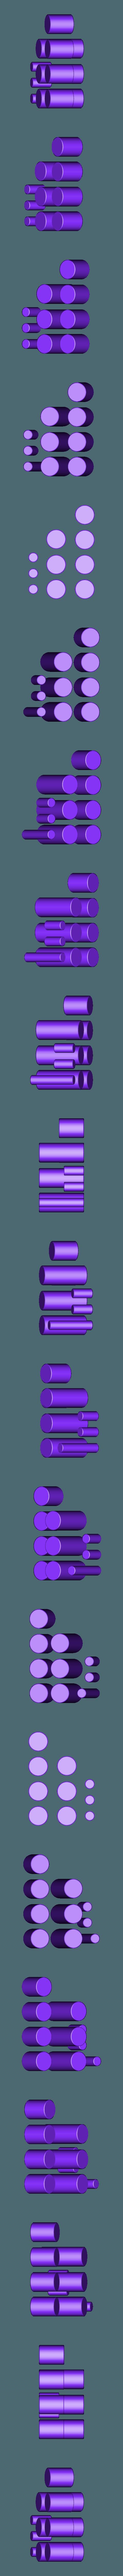 dowels_and_pins.stl Télécharger fichier STL gratuit POIGNÉE Warhammer 40K • Modèle pour imprimante 3D, TheTNR